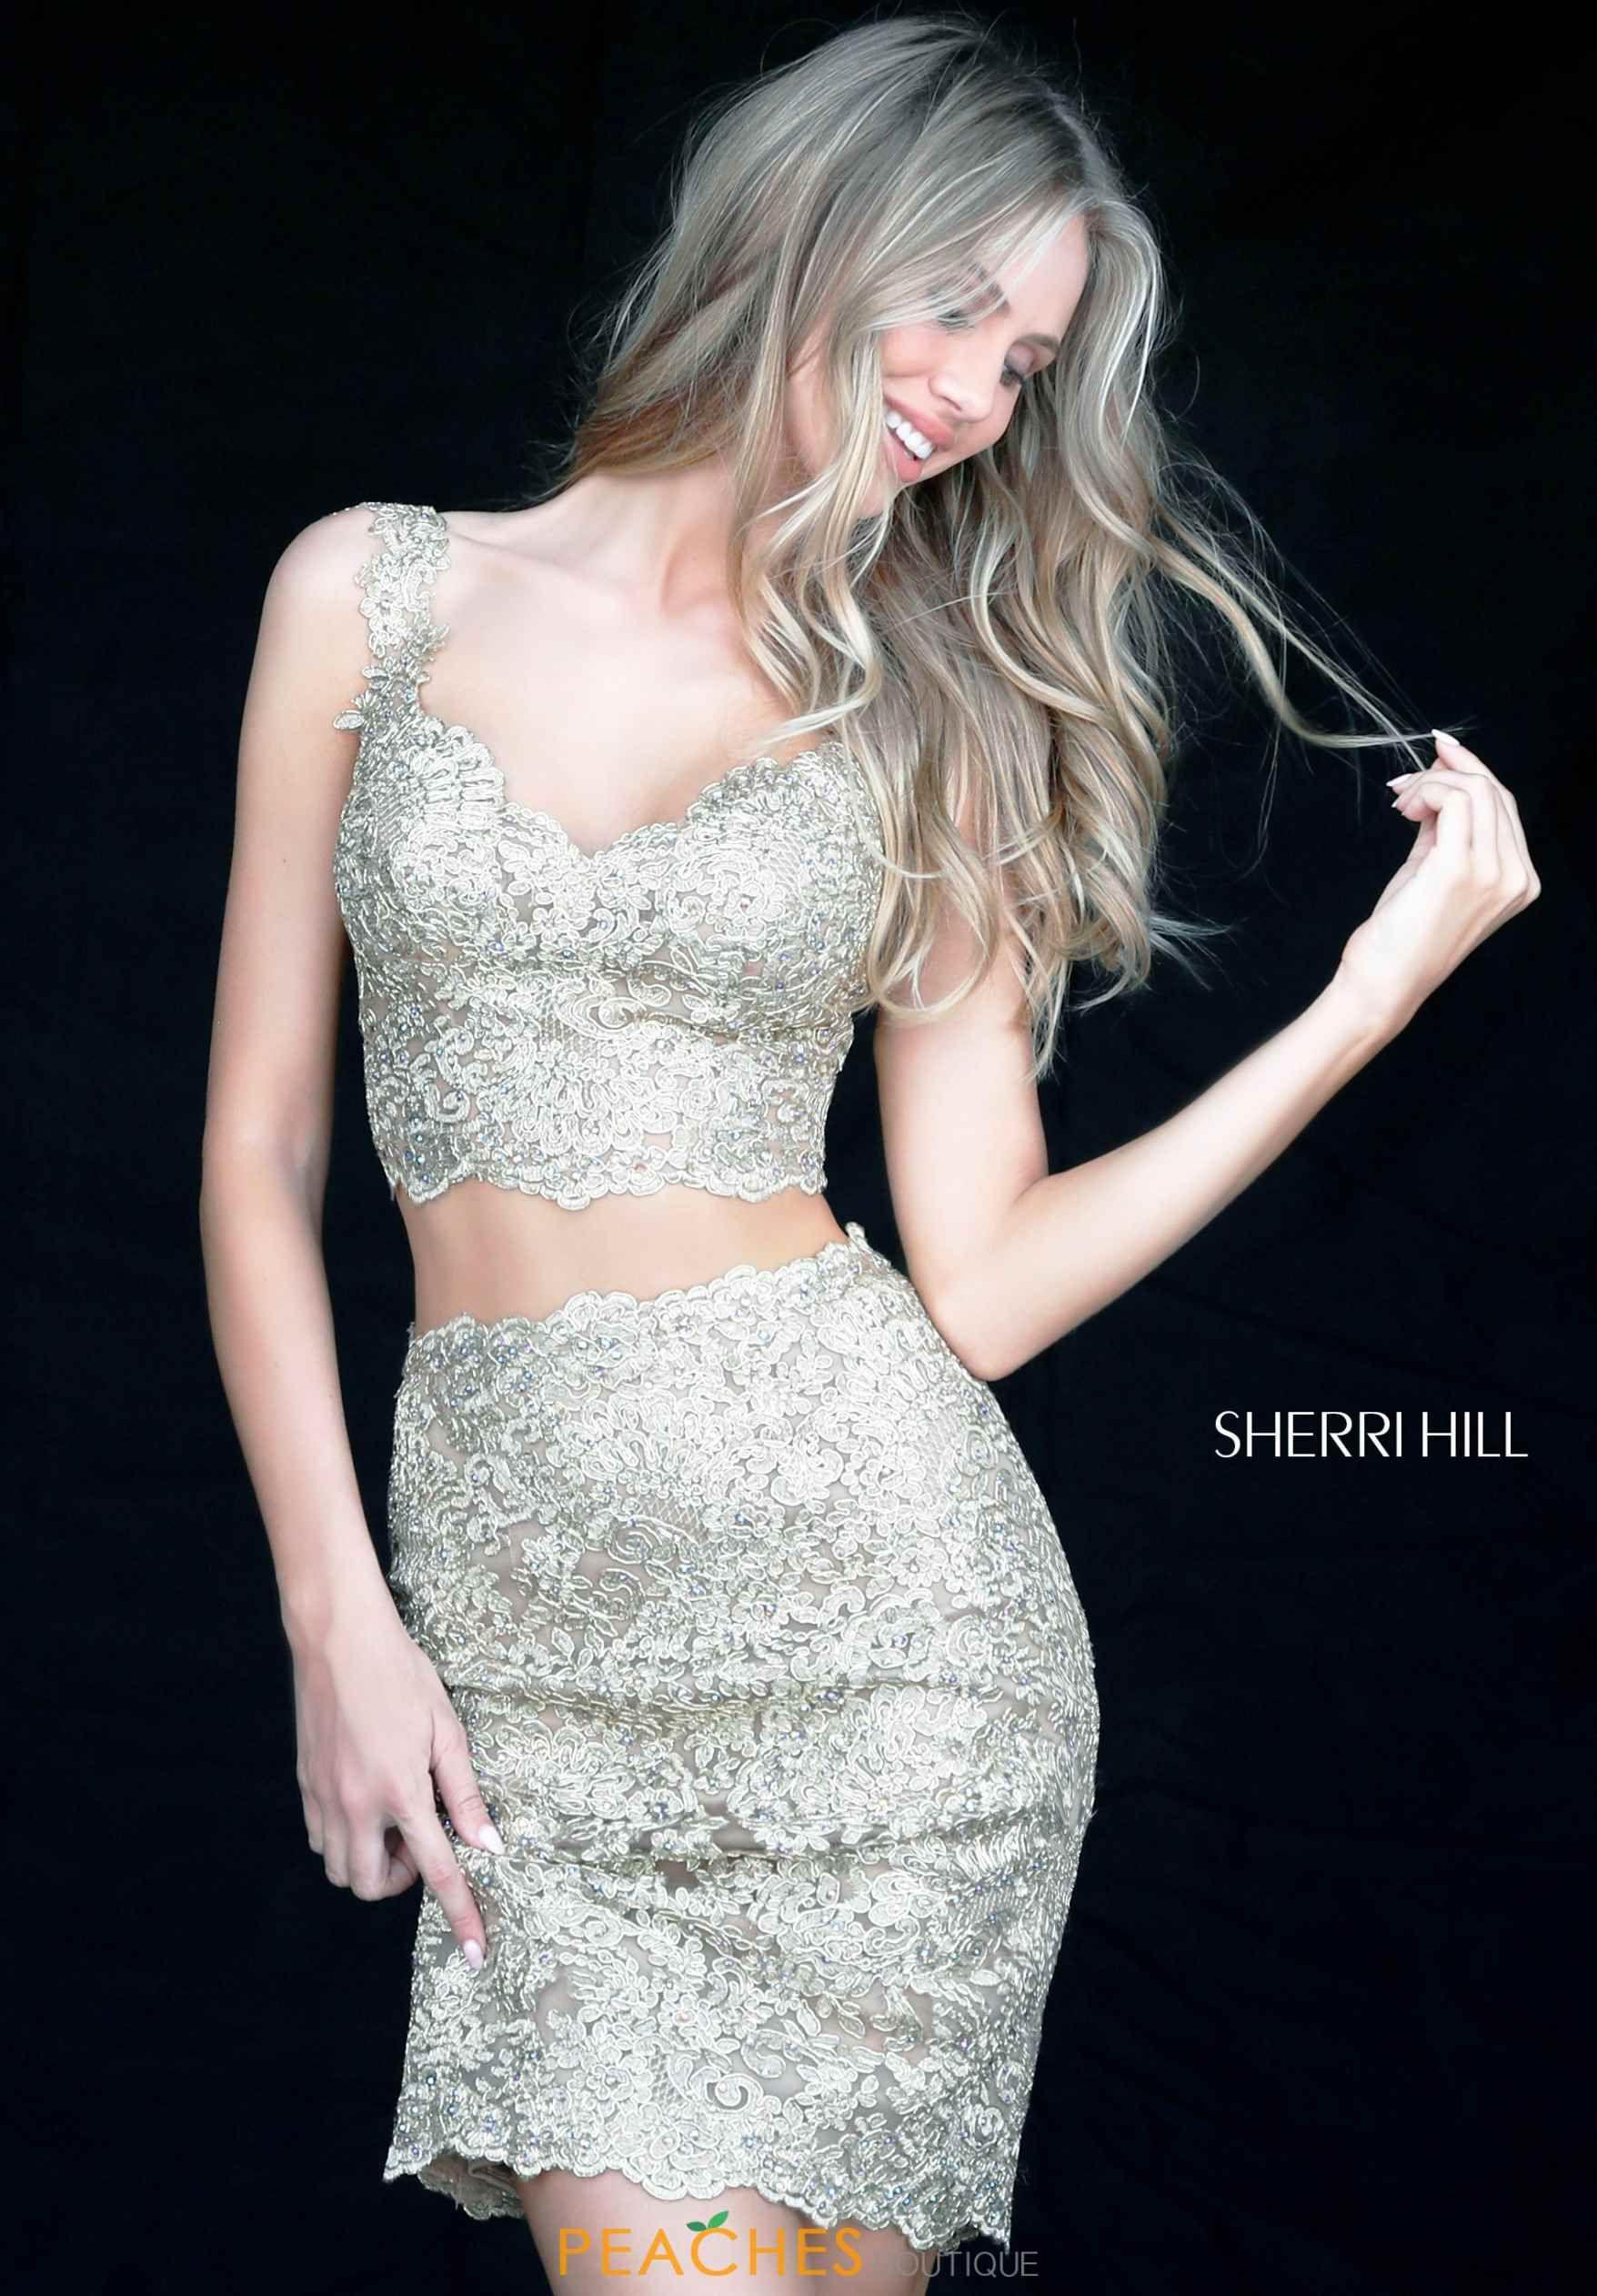 Pin by aspen on avn dresses pinterest sherri hill short dresses